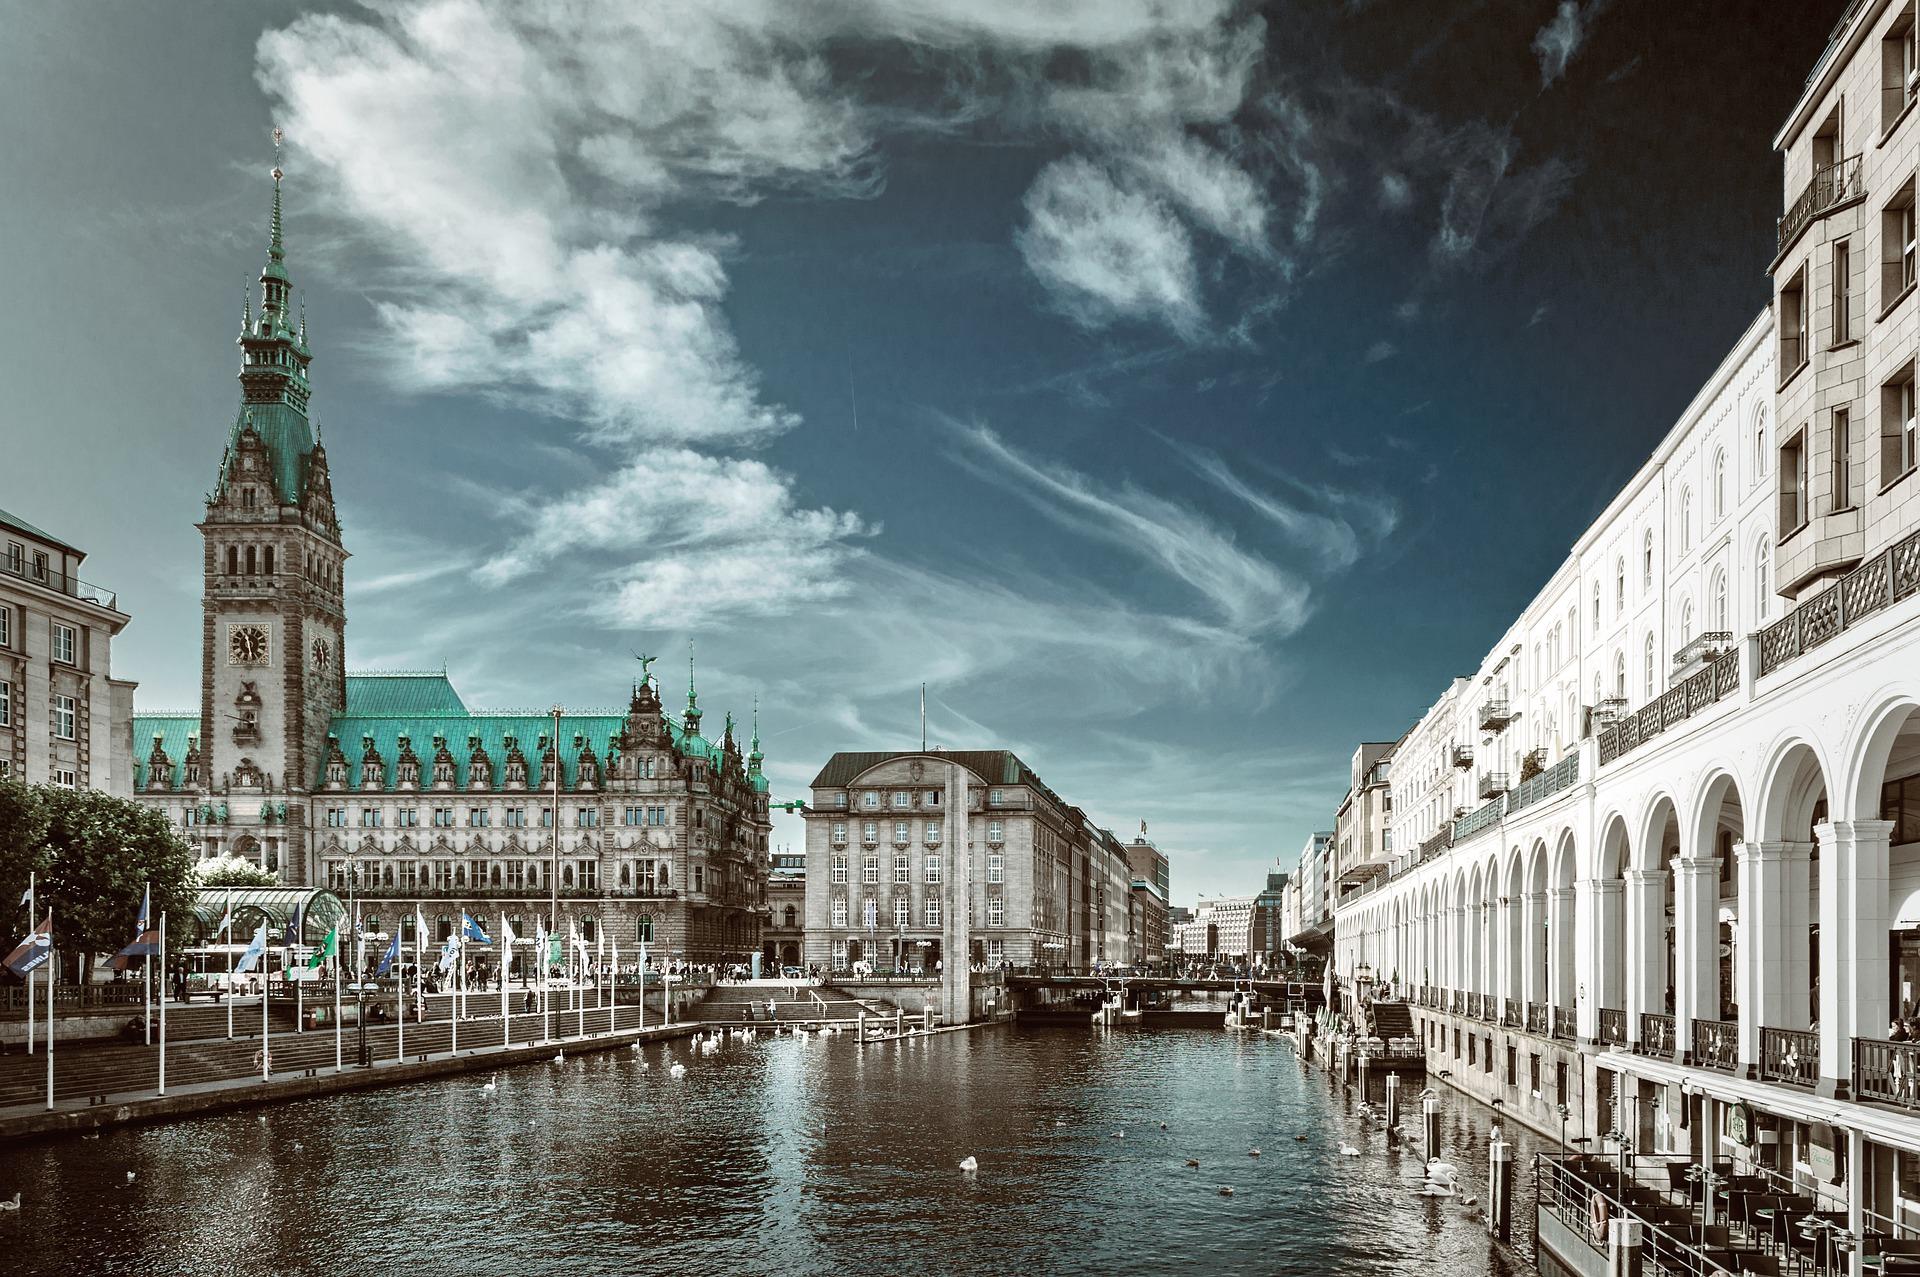 Liste d'entreprises françaises et allemandes liées à la France à Hambourg